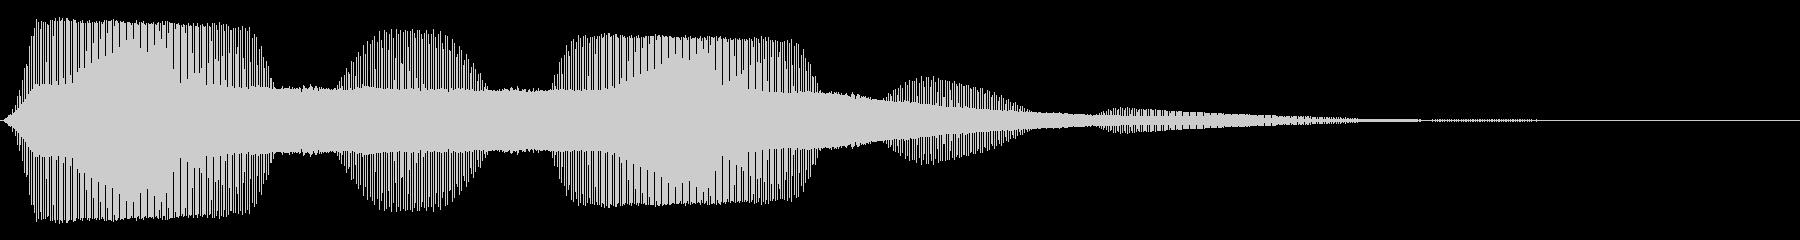 ボタン押下や決定音_ピッ!の未再生の波形